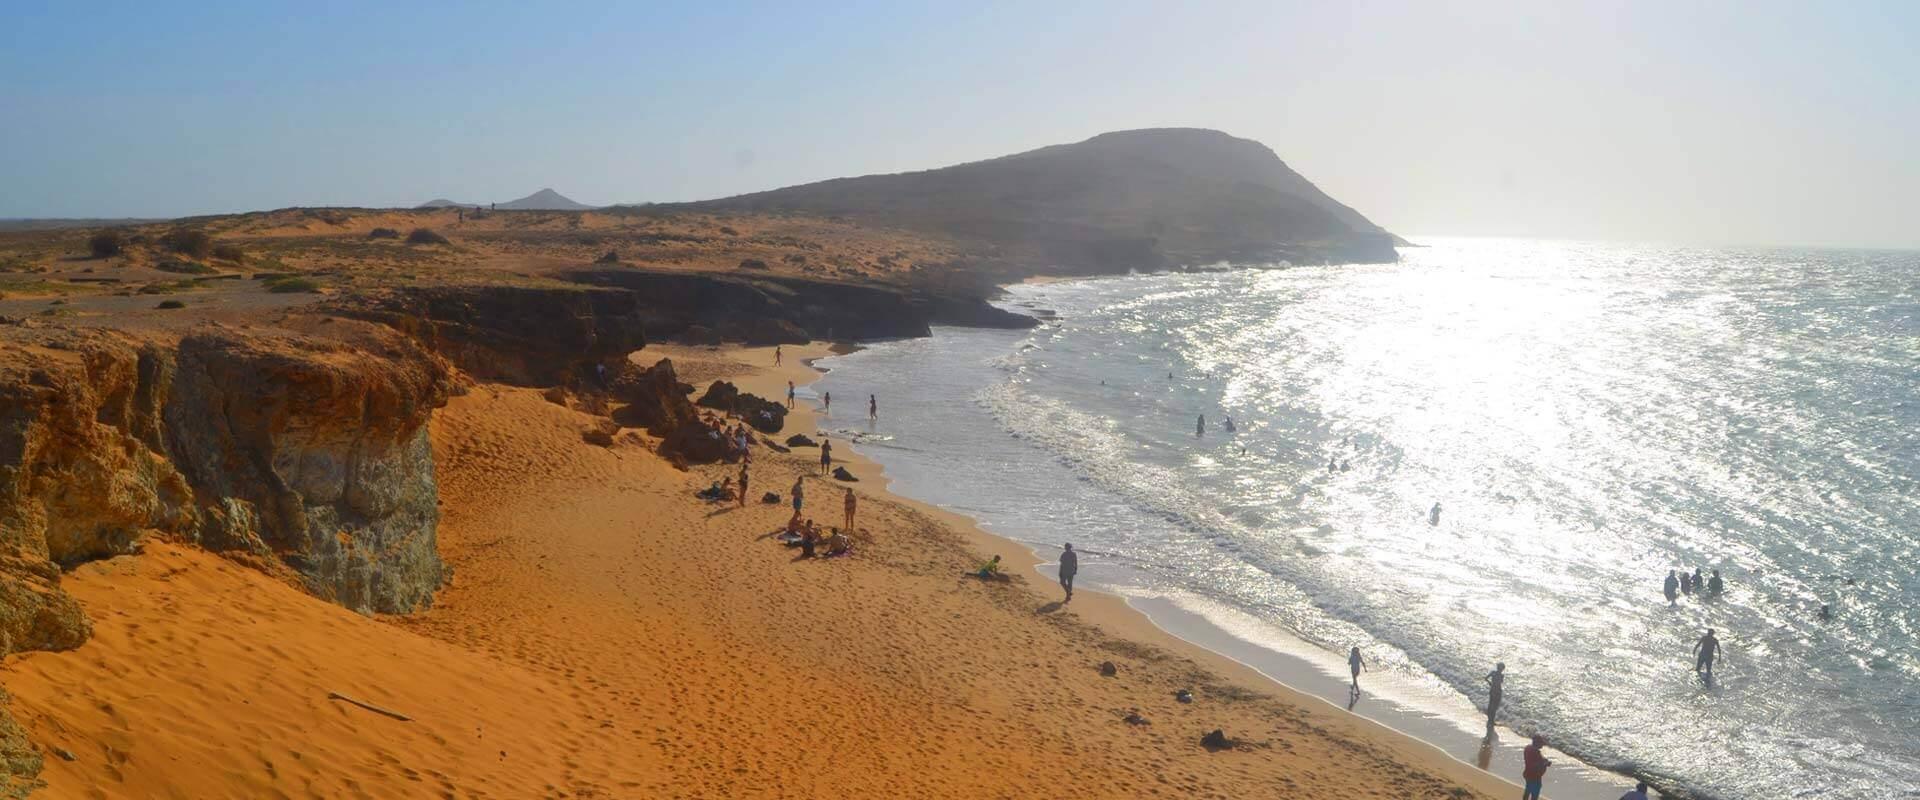 Tour to Cabo de la Vela